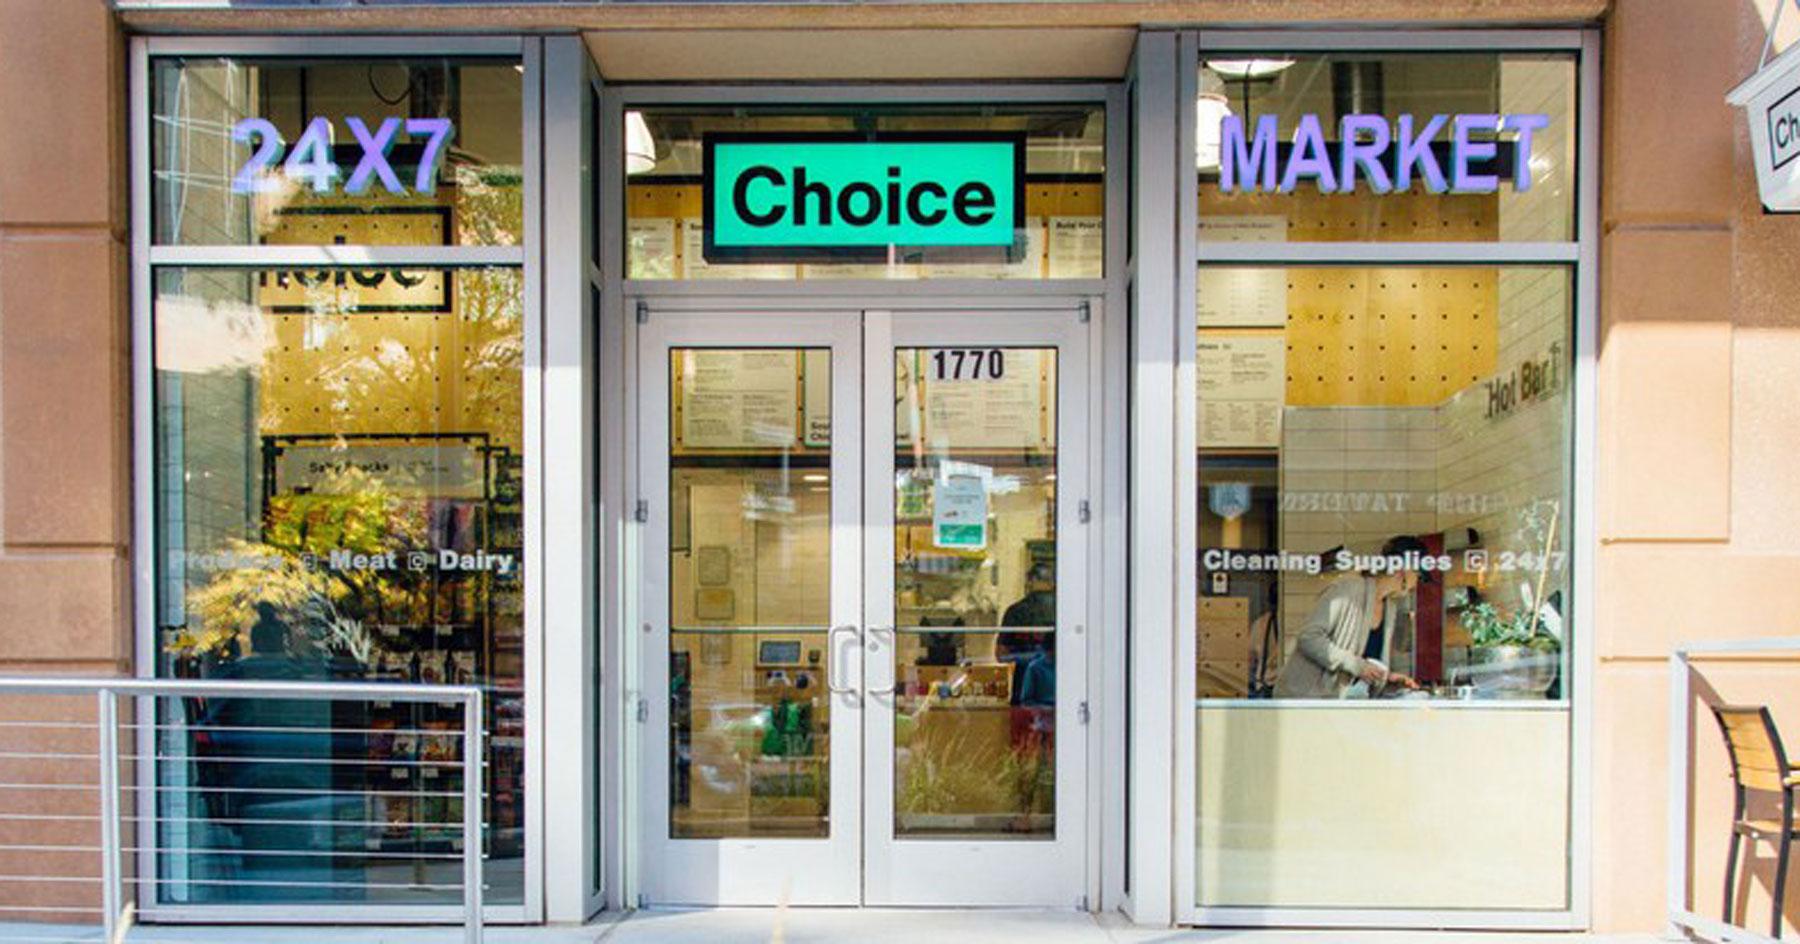 Choice Market